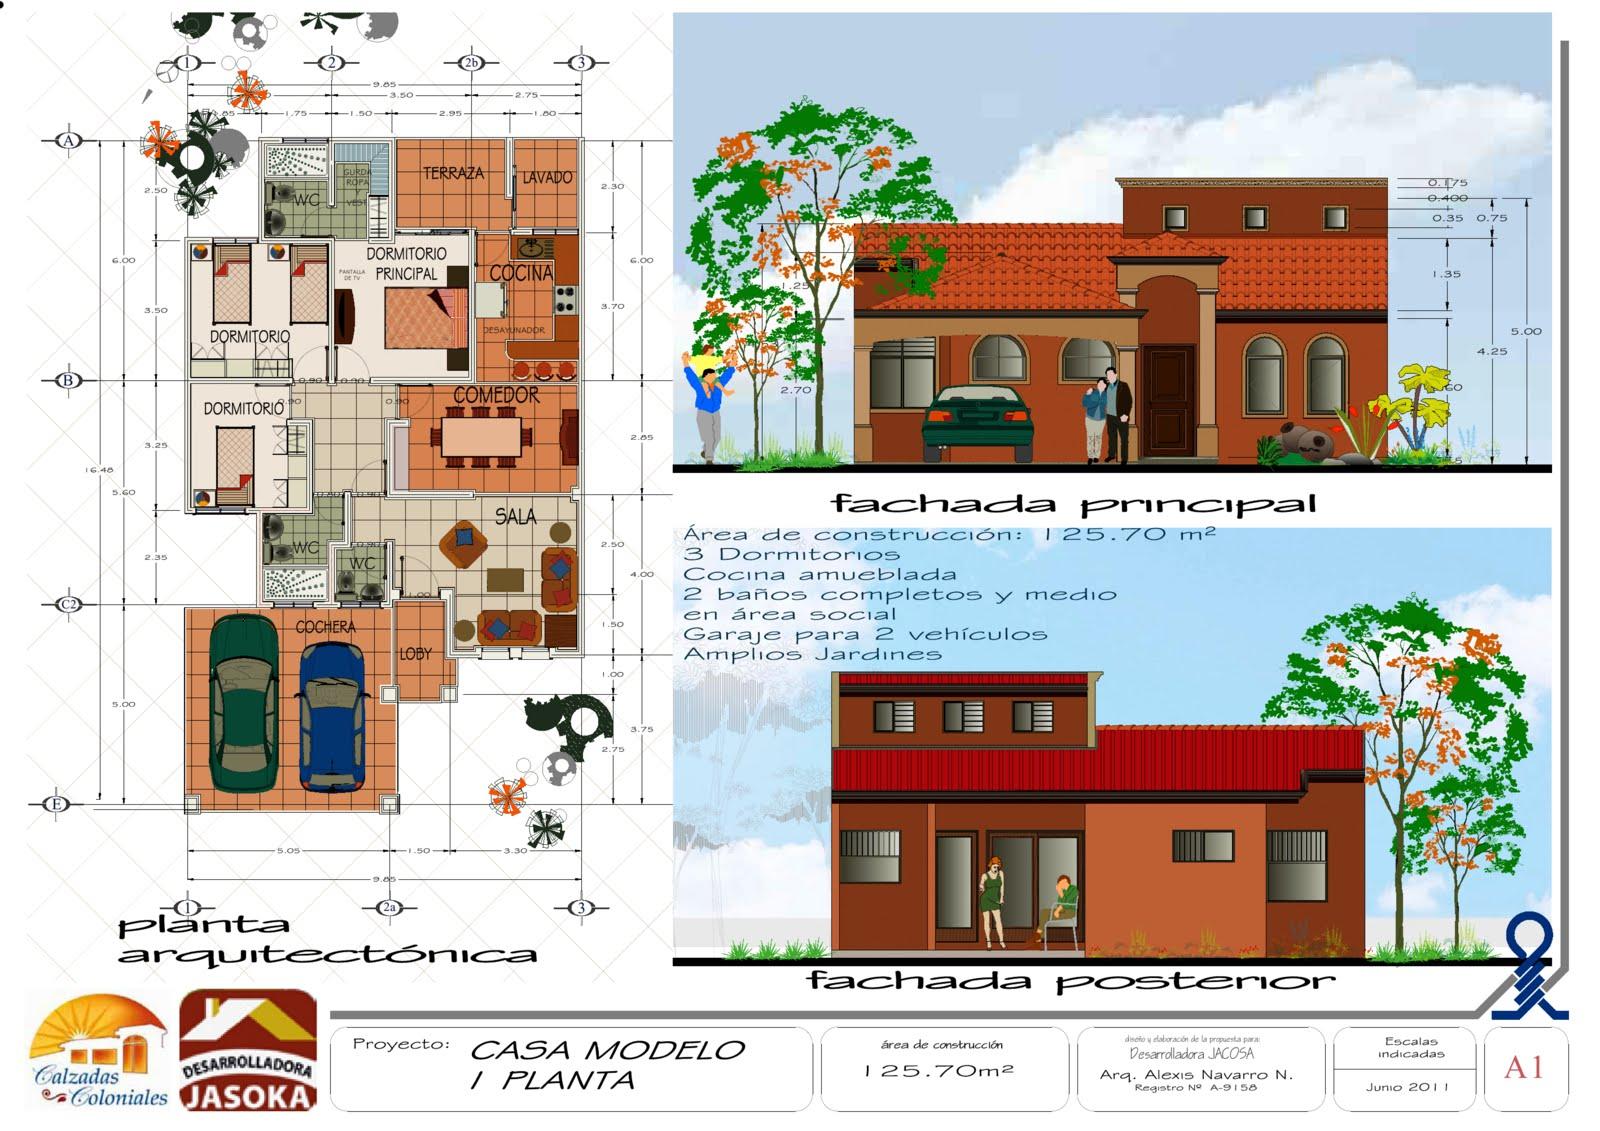 Proyectos casa modelo 1 planta para jocosa condominio - Modelo de casas de una planta ...